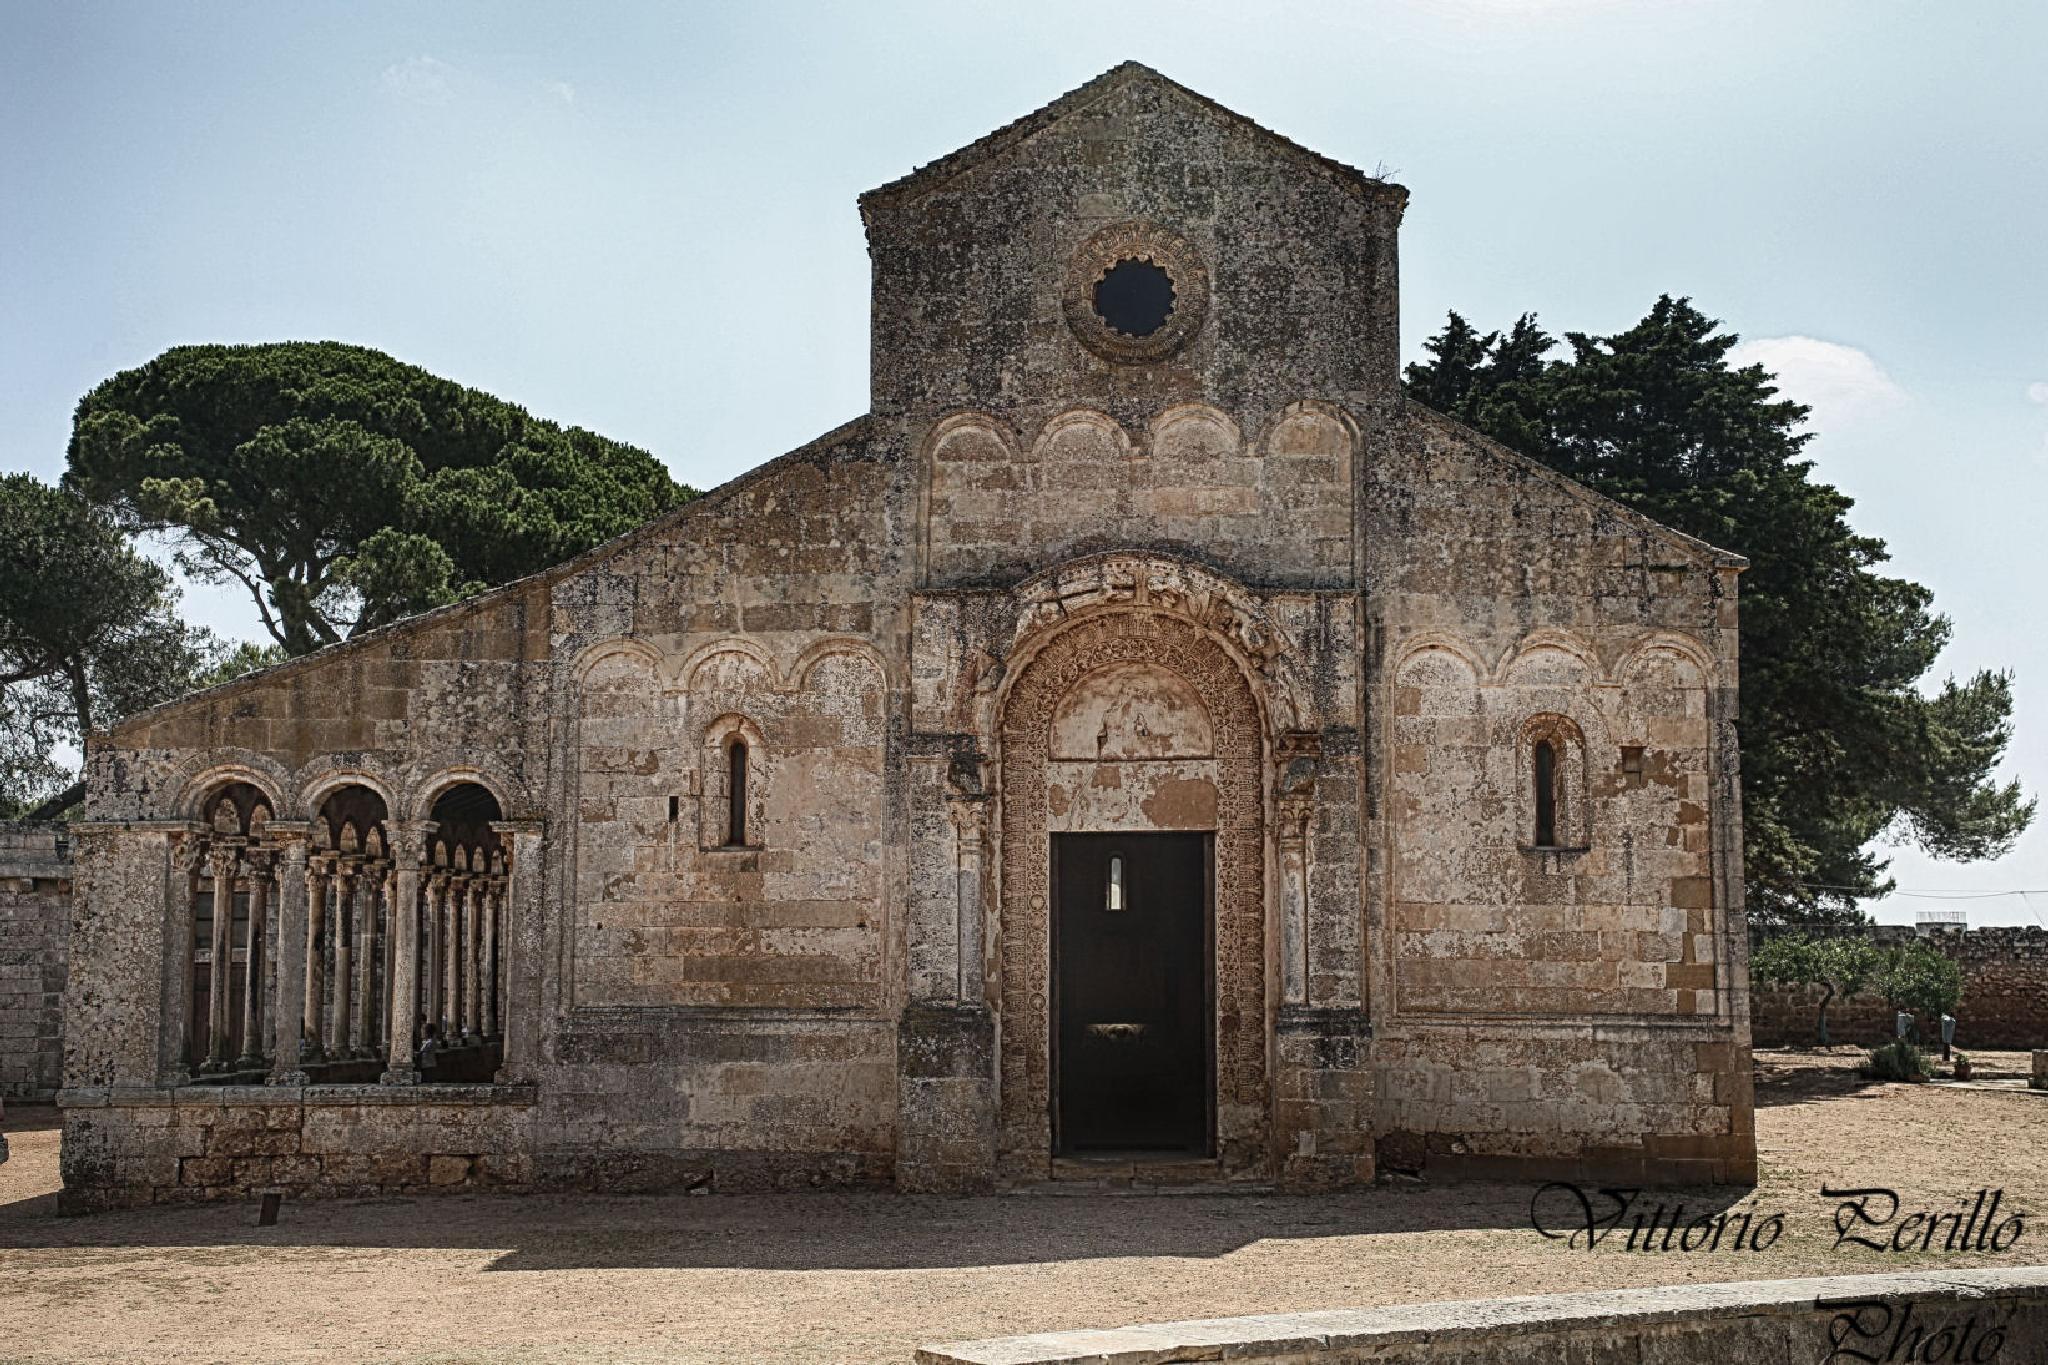 ABBAZIA DI SANTA MARIA DI CERRATE by Vittorio Perillo